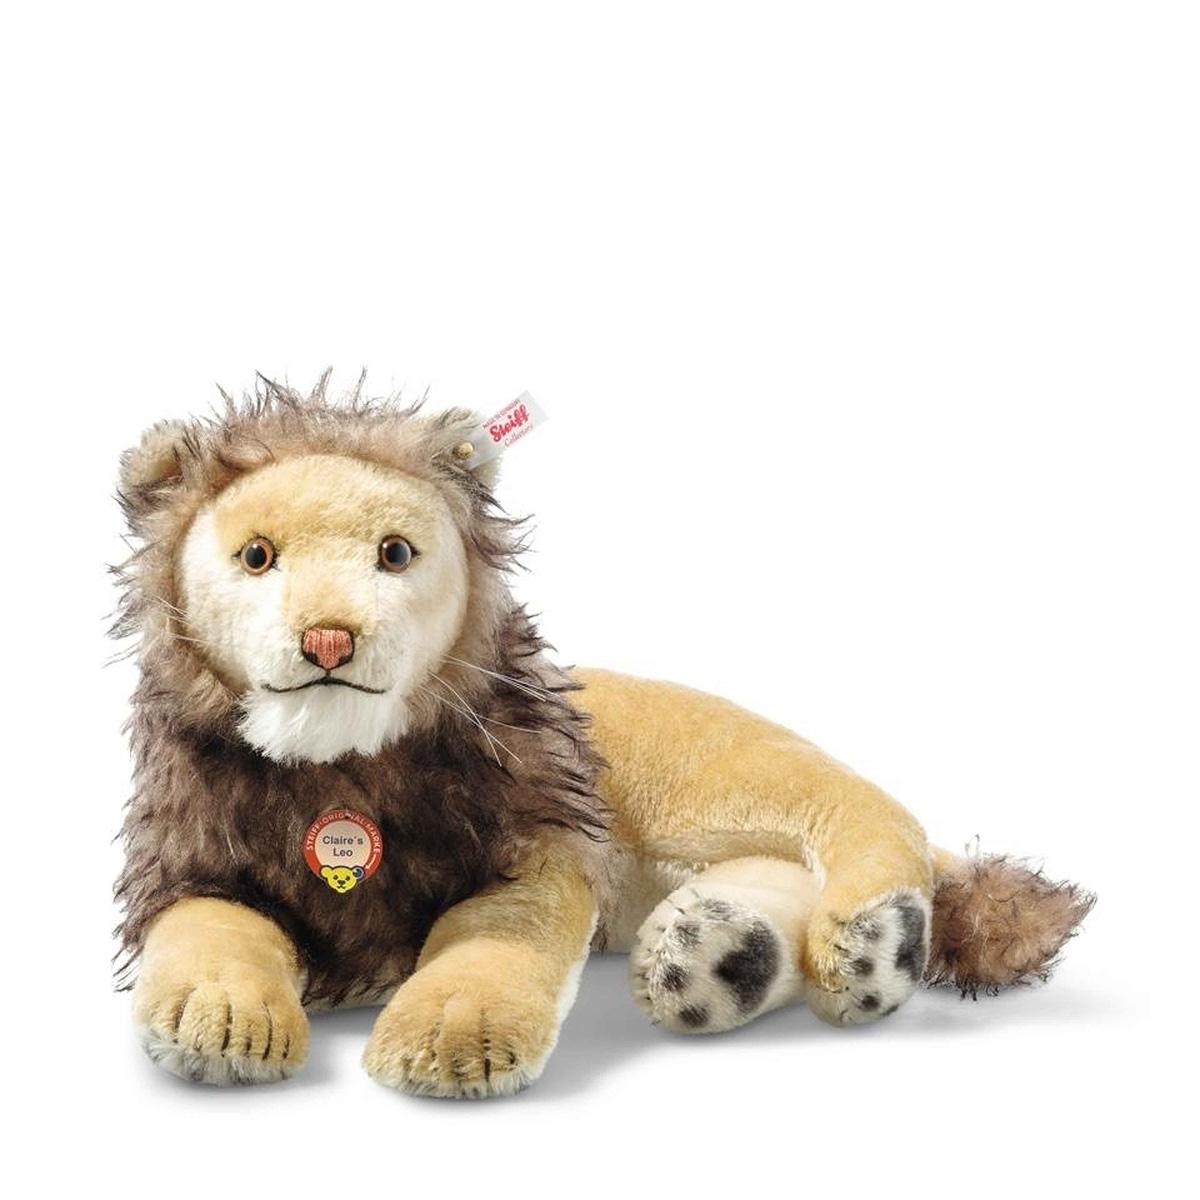 """Die """"Familienkollektion"""" von Steiff, die in limitierter Auflage erscheint, präsentiert Nachbildungen der beliebtesten Teddybären und Tiere, die Kinder dieser """"königlichen Familie"""" von Spielzeugmachern besessen haben. Zu jedem Sammlerstück aus Plüsch gehört ein schön gerahmtes Foto, auf dem das Kind und sein Spielzeug abgebildet sind. Nummer zwei in dieser Serie ist ein prächtiger und majestätischer Löwe, der einst Claire Steiff Meisel (der Enkelin von Richard Steiff) gehörte. Dieses königliche Geschöpf wurde mit größter Sorgfalt von Hand gefertigt, damit nichts vom Charme des Originals verloren geht. Jedes einzelne Stück ist ein eindrucksvolles Beispiel der Handwerkskunst von Steiff, die sich in aufwändigen Airbrush-Details, individuell gestickten Gesichtszügen und kunstvoll gemalten Pfoten zeigt. Dieses prachtvolle Exemplar wird in einer Auflage von nur 1.000 Stück herausgebracht. Mit seinem goldfarbenen """"Knopf im Ohr"""" verleiht Claires Dschungelkönig jeder Steiff Sammlung eine royale Note."""